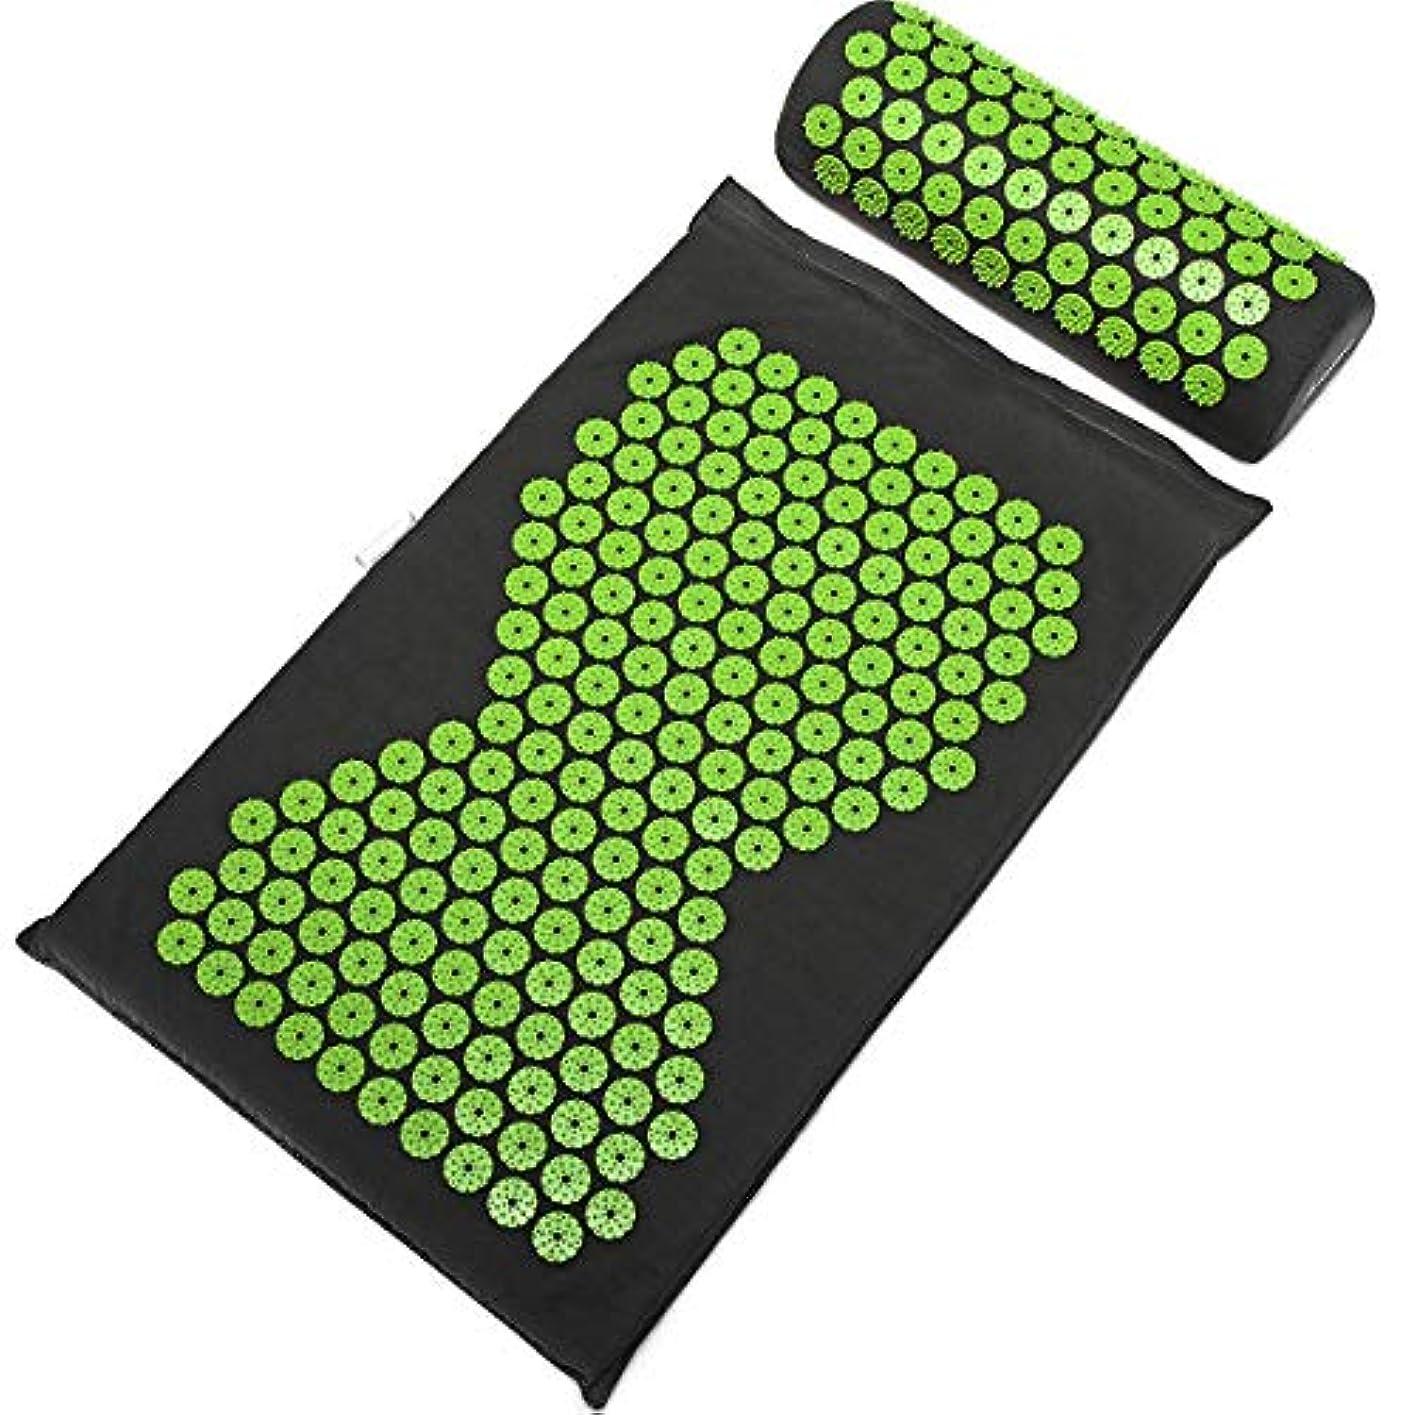 半径欲しいです返済Sulida ヨガマット マッサージマパッド ストラップ付き マッサージ枕 トレーニングマット 睡眠改善 自宅運動 マット 高密度 持ち運び 滑り止め 血行促進 収納簡単 エコ グリップ力 クッション性